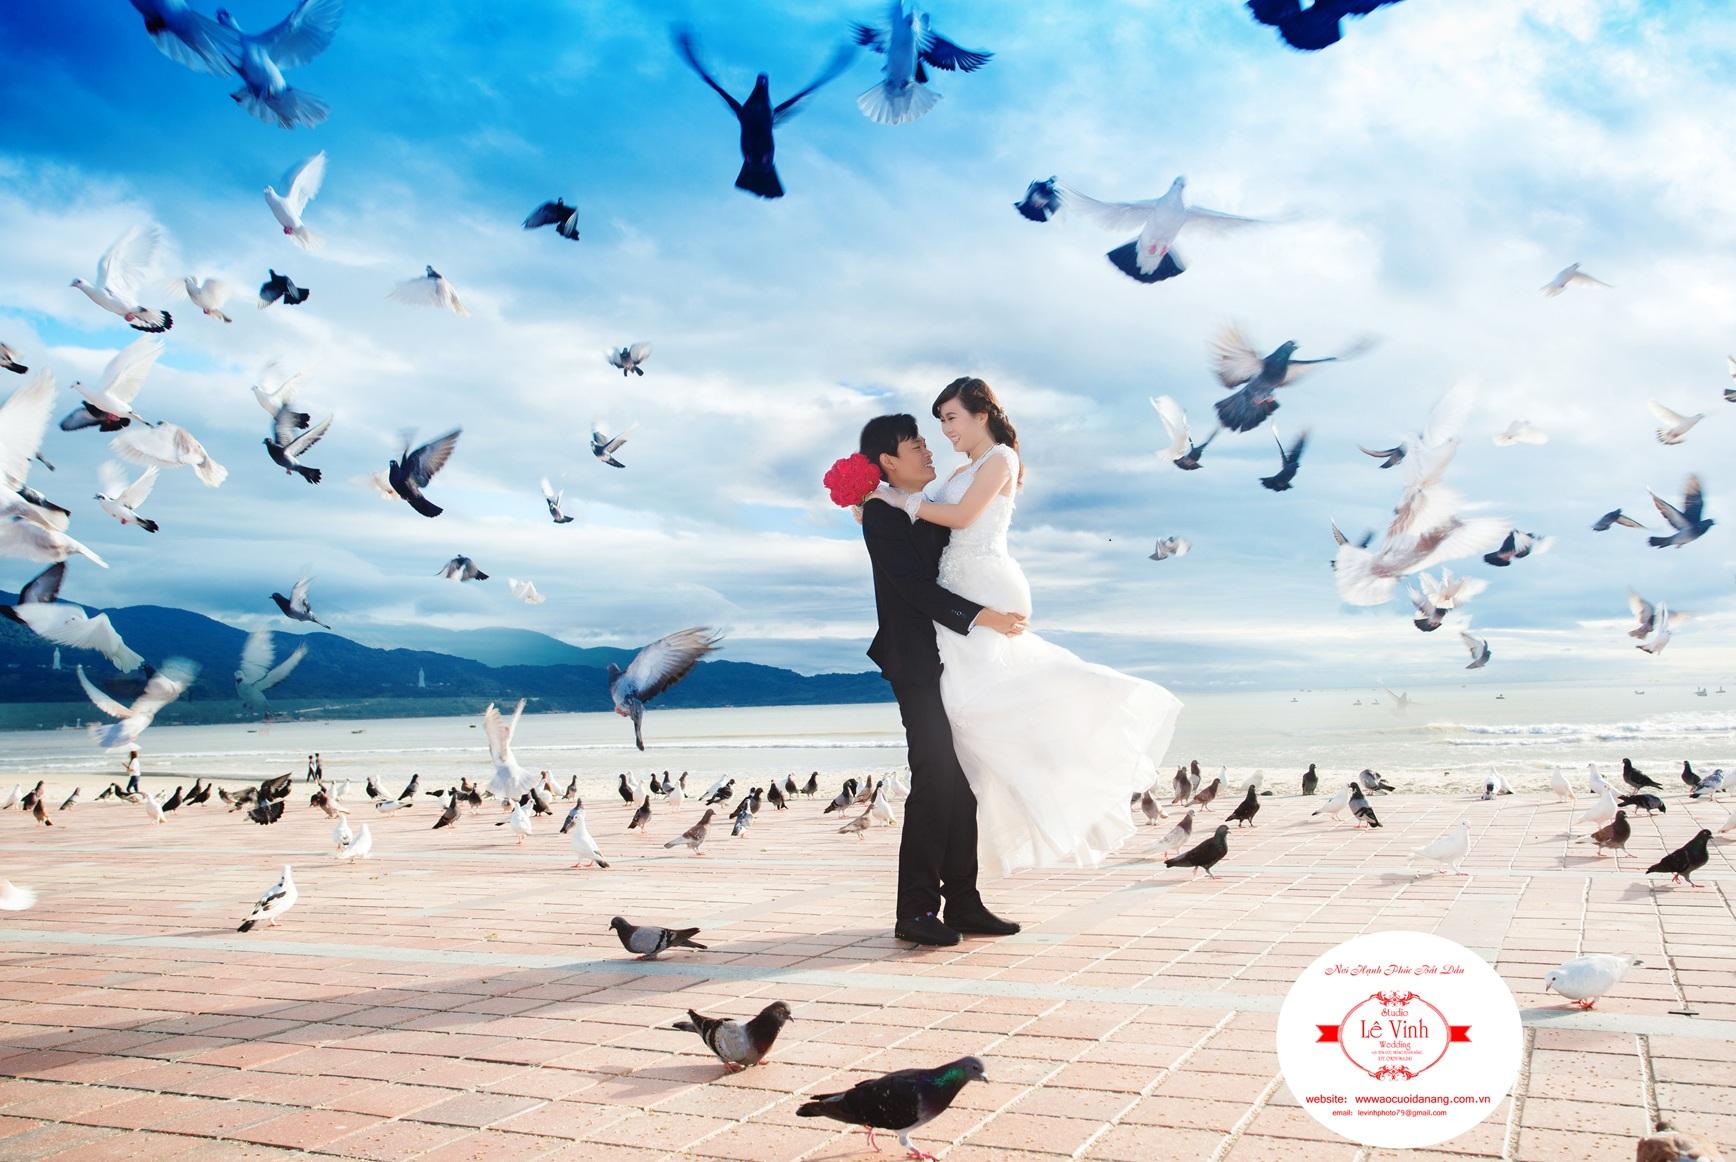 Studio chụp ảnh cưới đẹp Đà Nẵng Lê Vinh